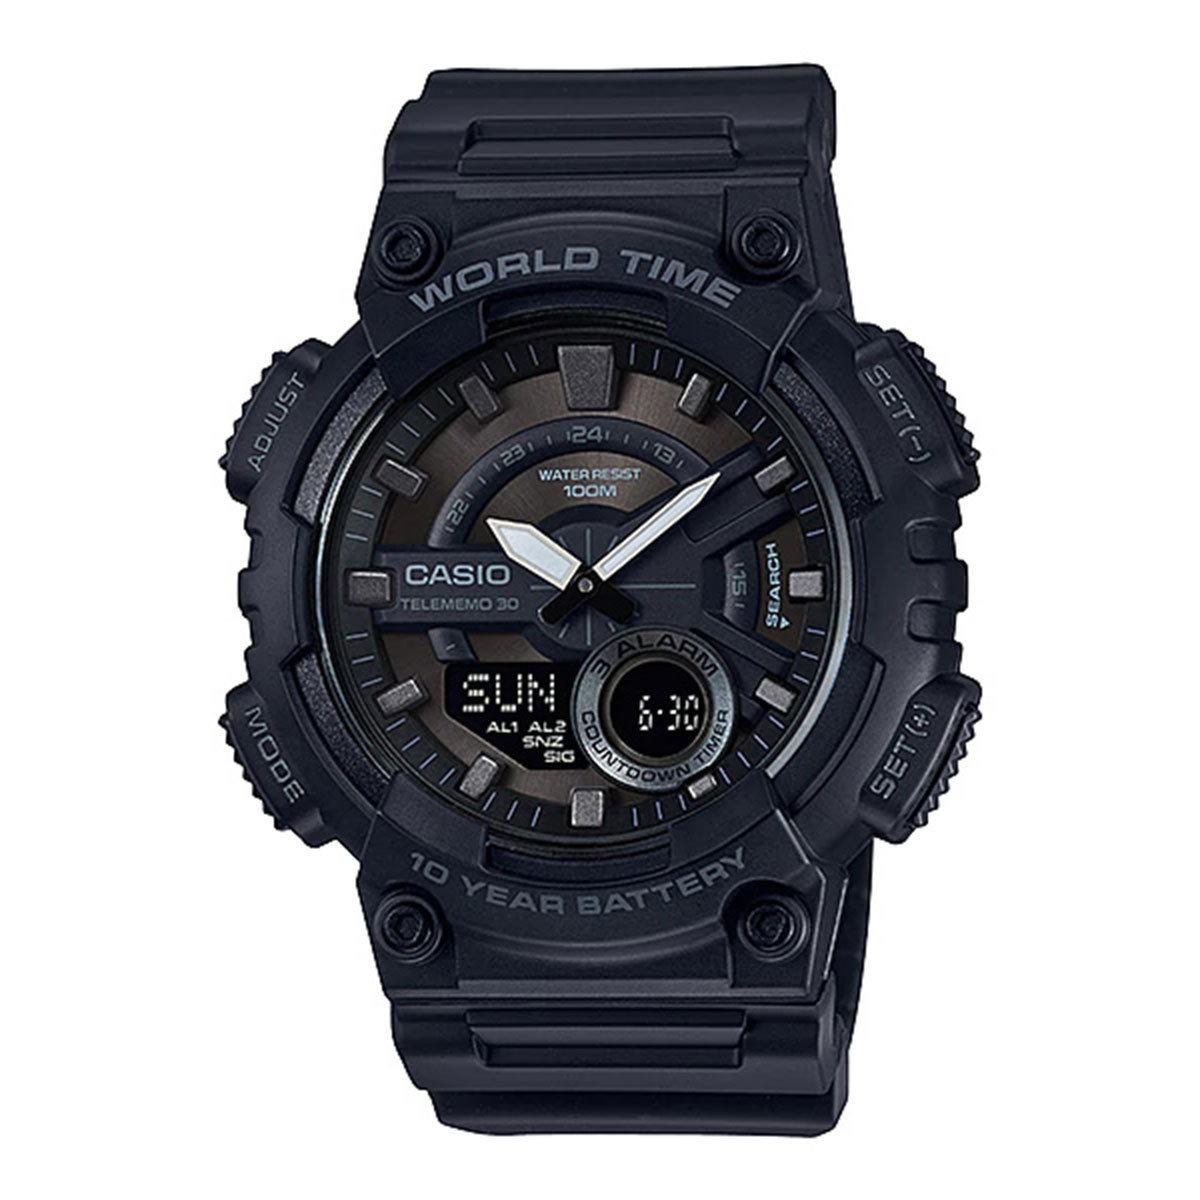 reloj hombre Casio aeq-110w-1b cronógrafo deportivo